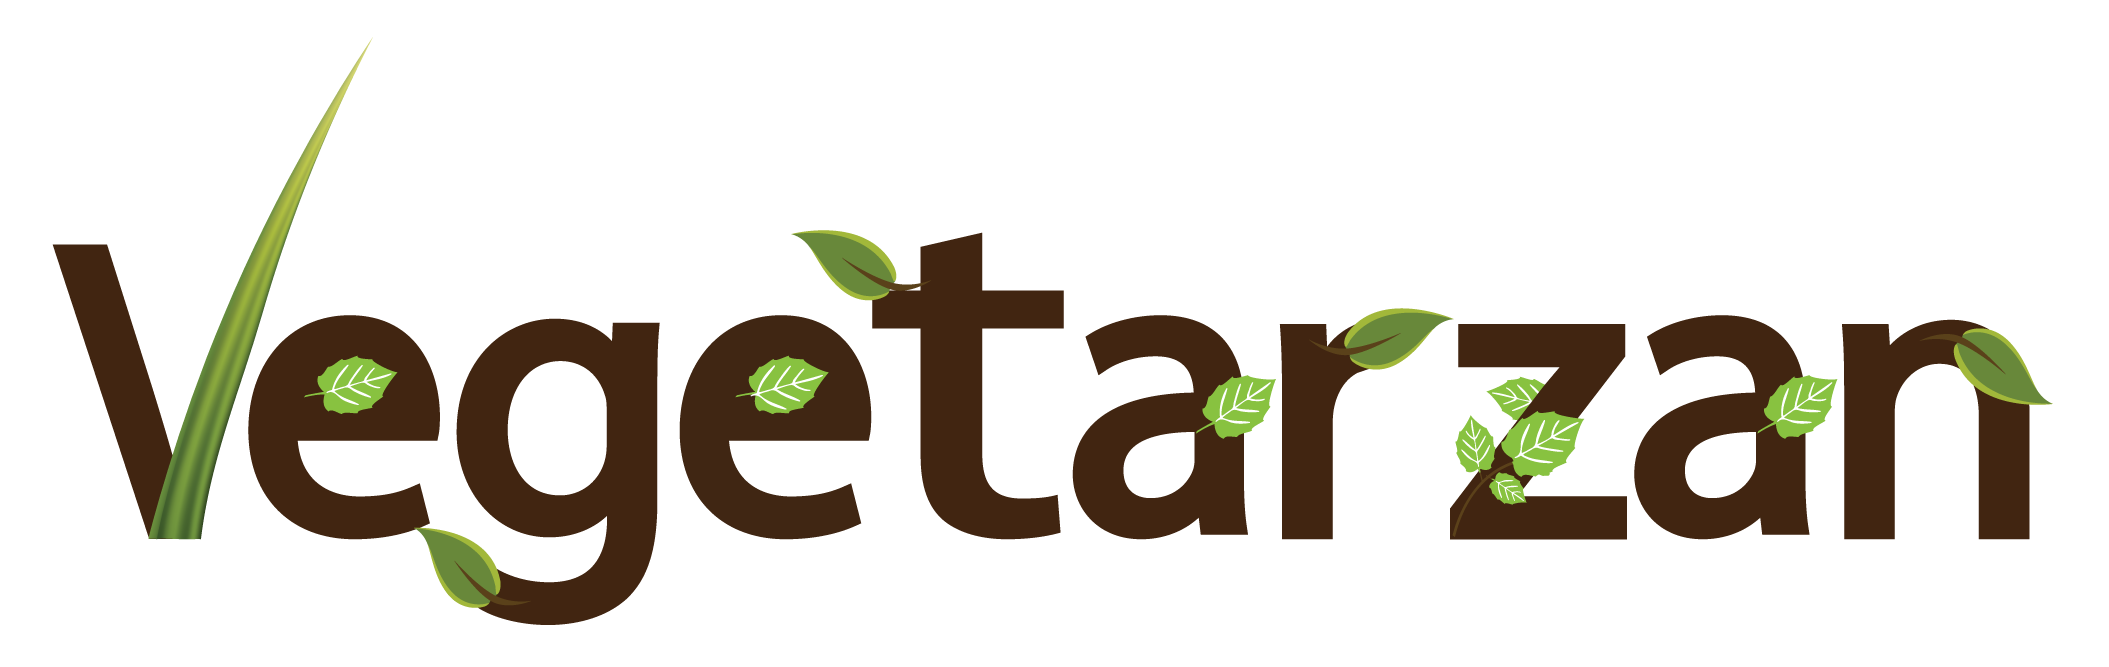 Vegetarzan